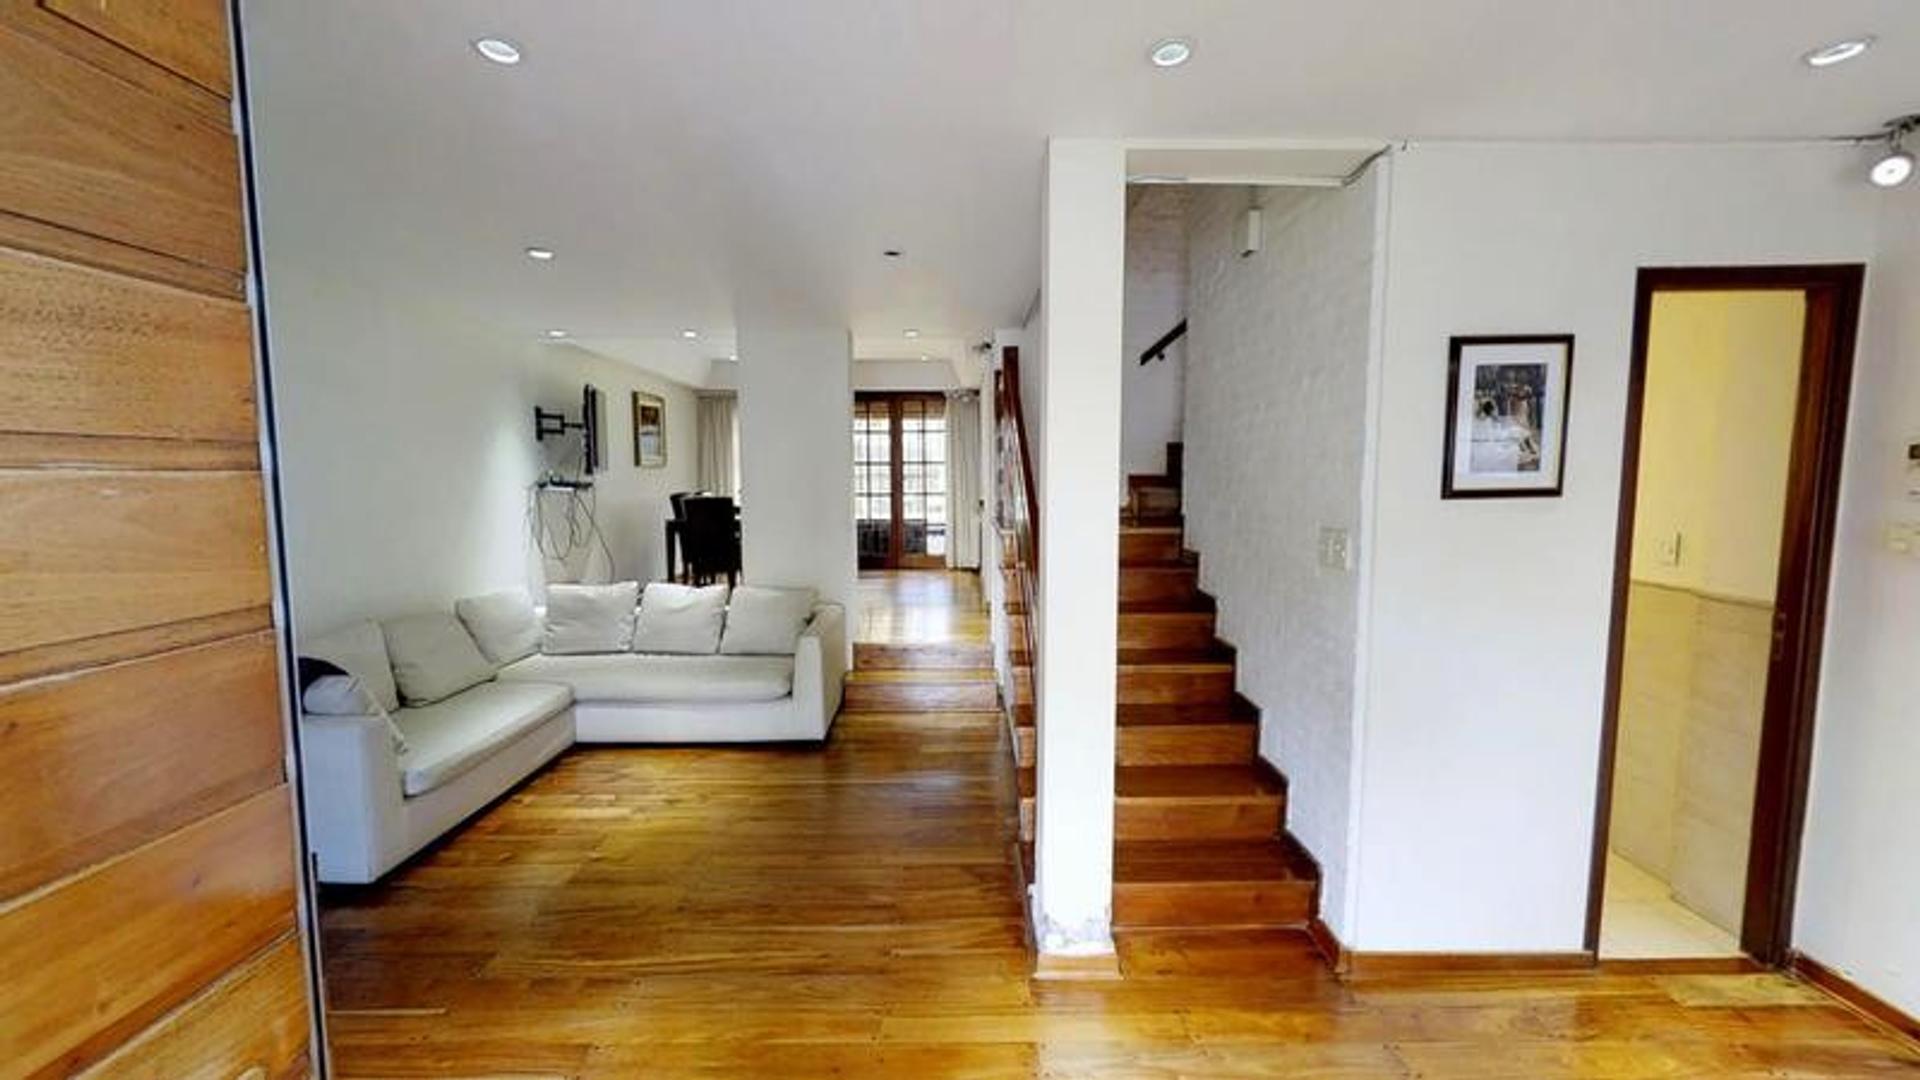 Casa - 3 dormitorios - Playroom - Jardin - Quincho - Parrilla - Garage - Belgrano